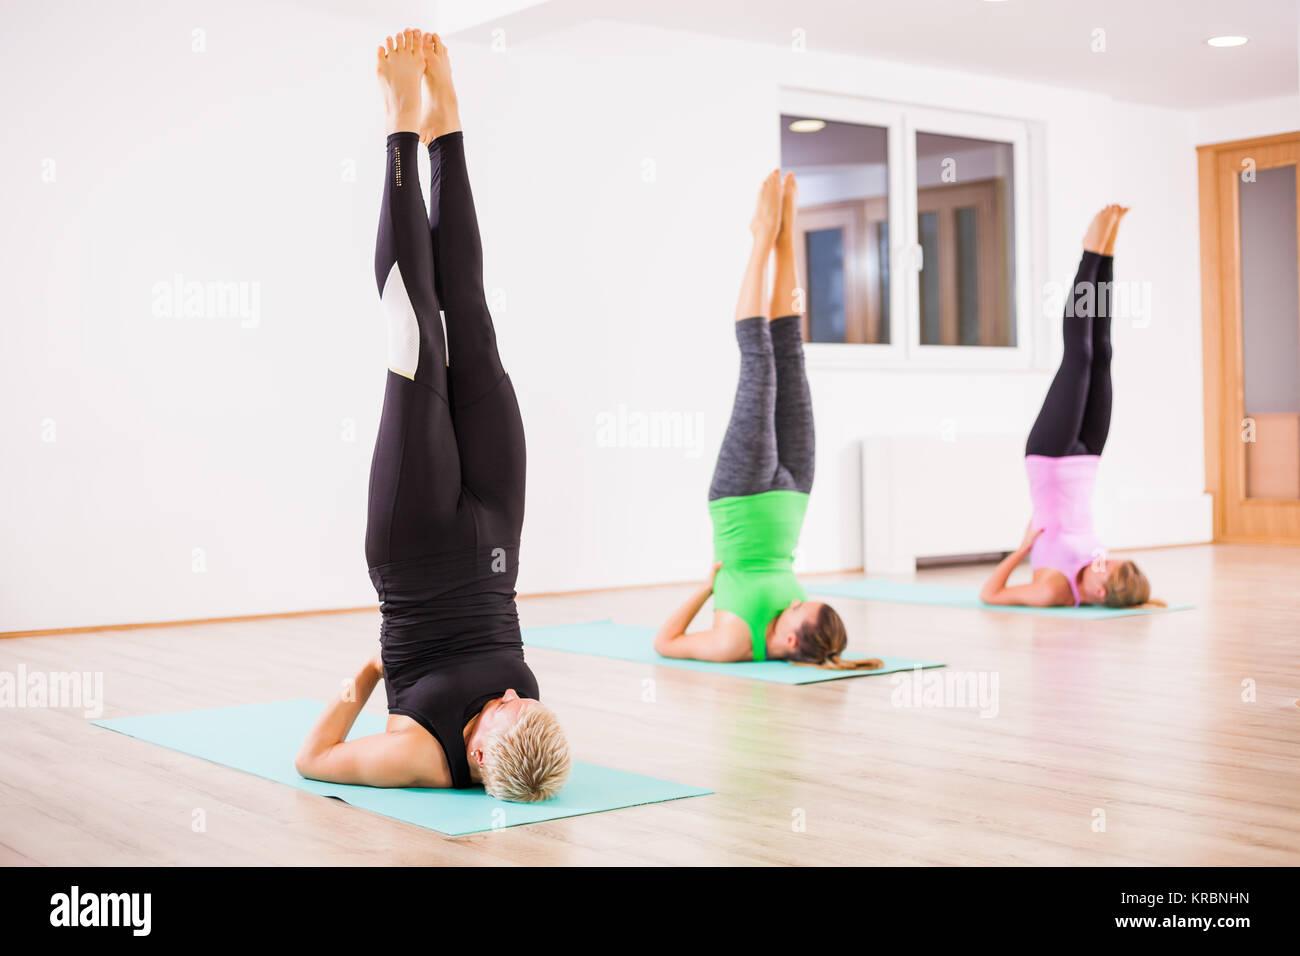 Le tre ragazze la pratica dello yoga, Salamba Sarvangasana / supportati supporto spalla Immagini Stock